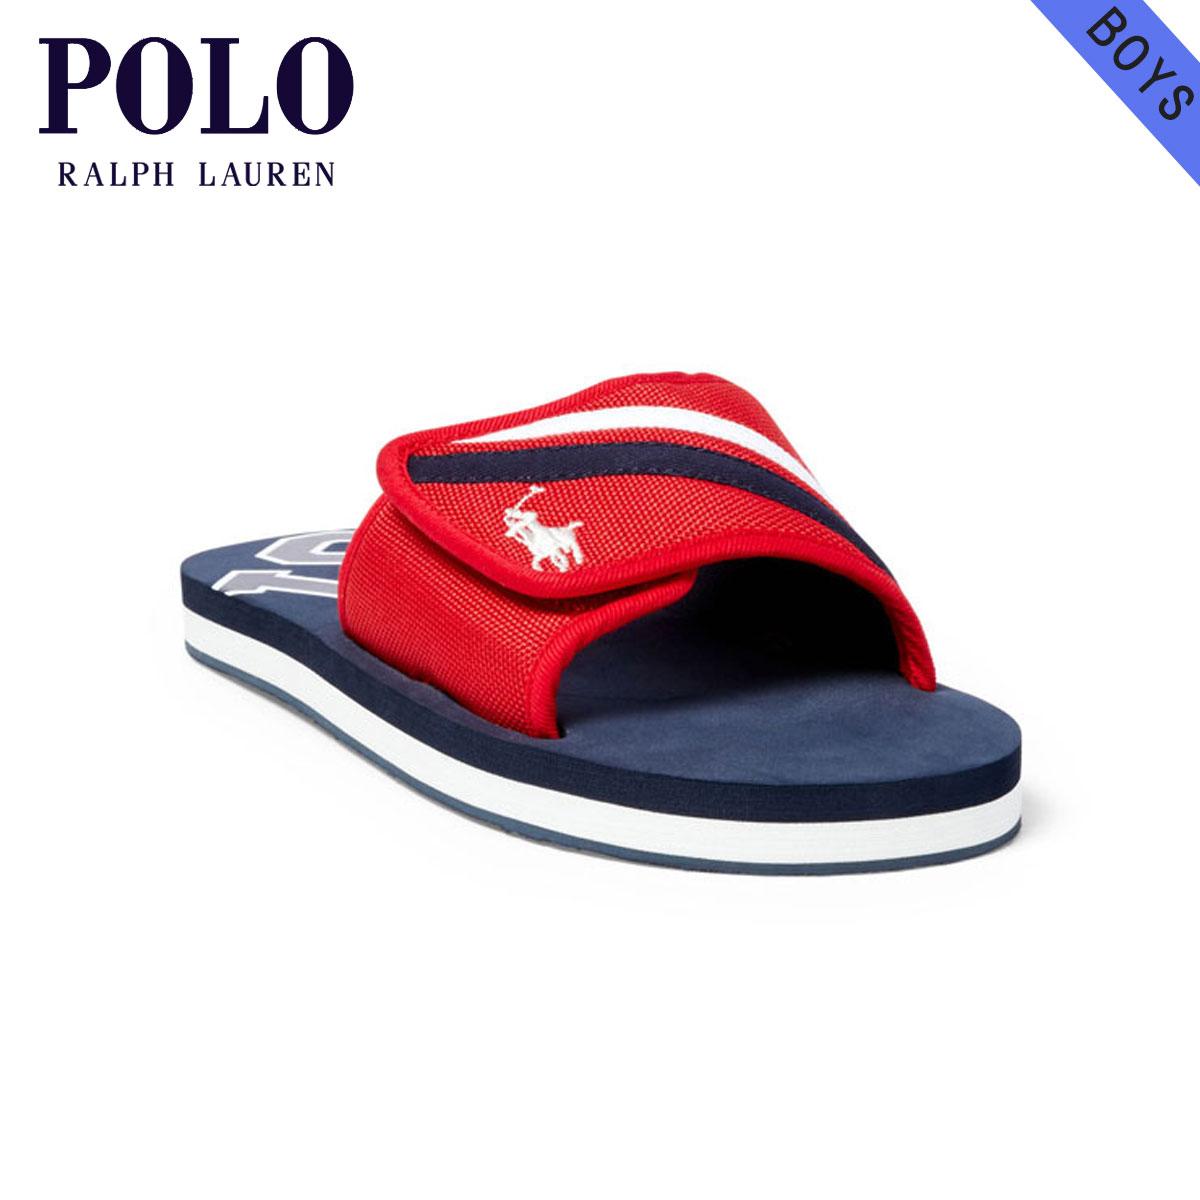 73087016e59 Polo Ralph Lauren kids sandals Boys children's clothes regular article POLO  RALPH LAUREN CHILDREN FERRY SLIDE III FLIP-FLOP 91908406 D00S20